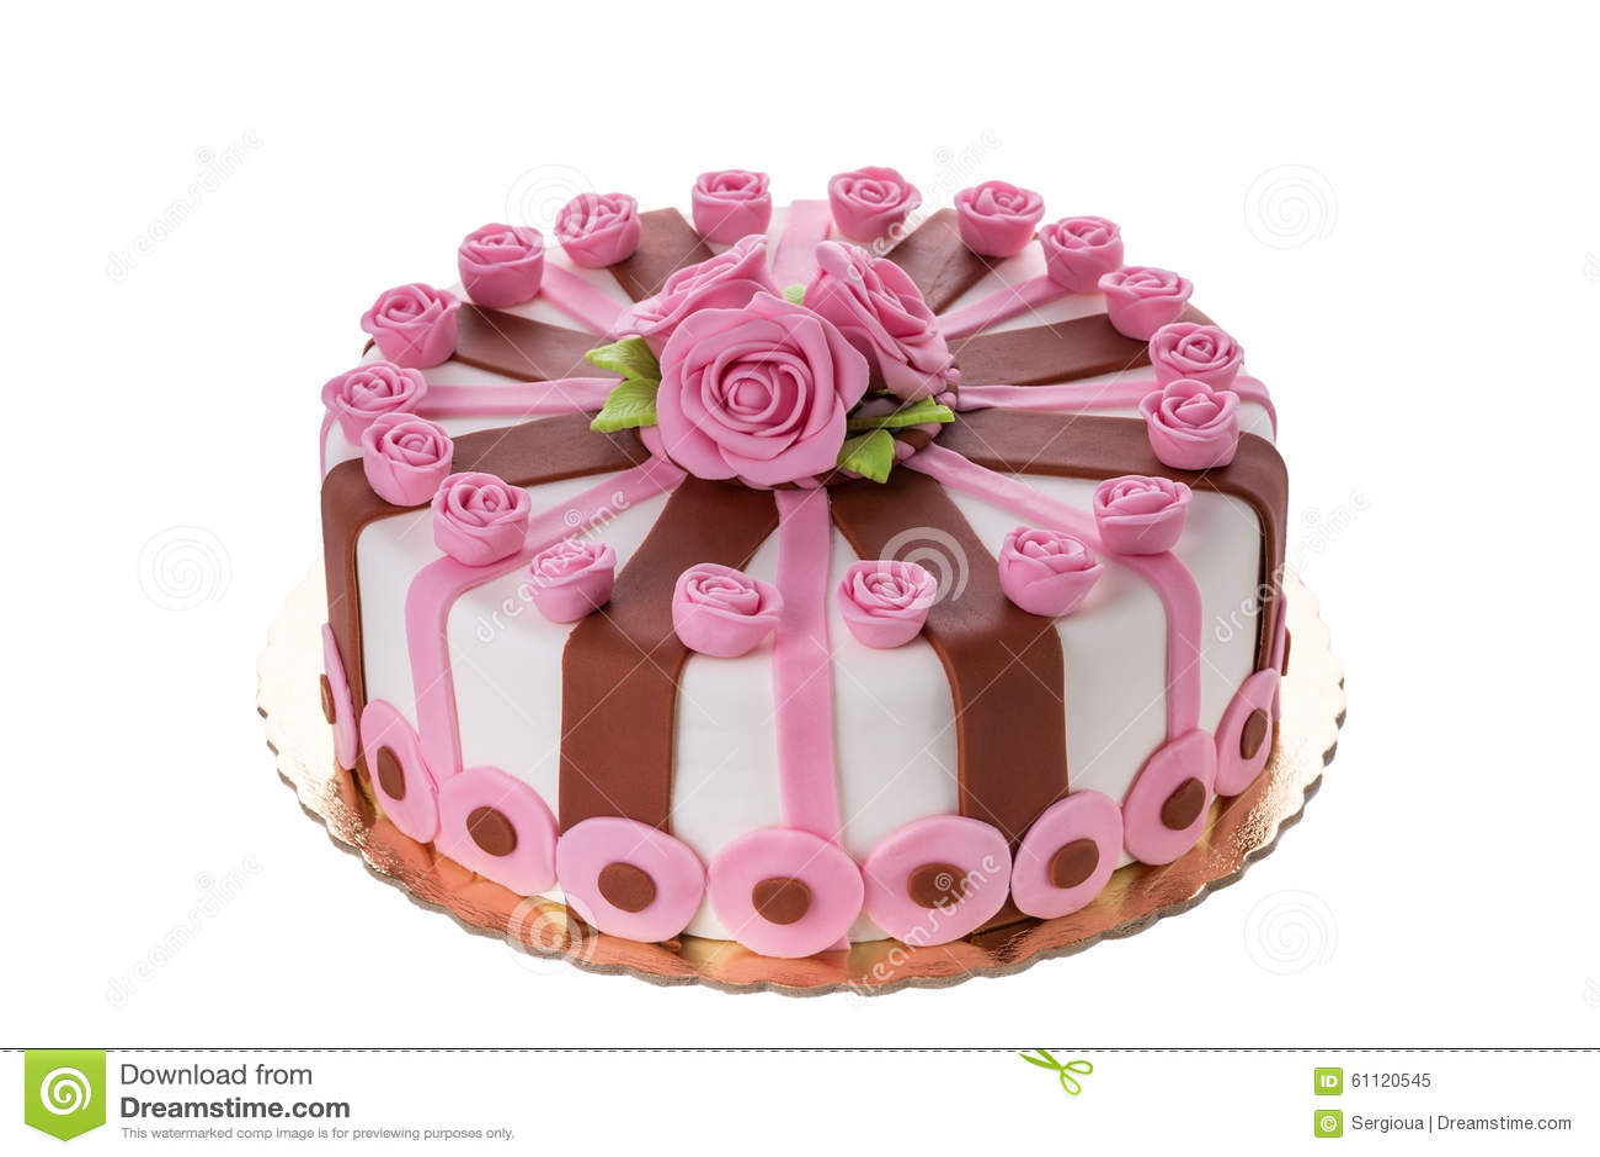 Wonderful Decorative Cake Flowers Roses